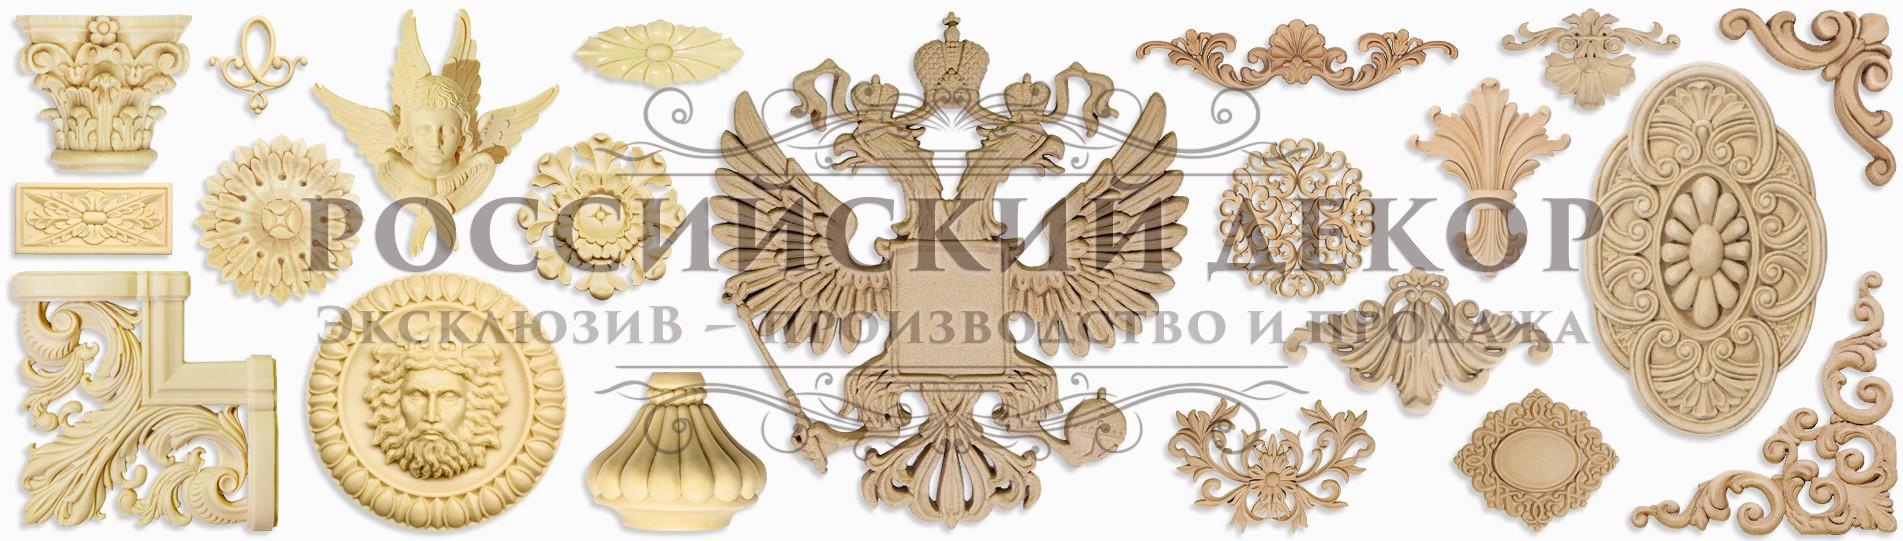 Российский декор